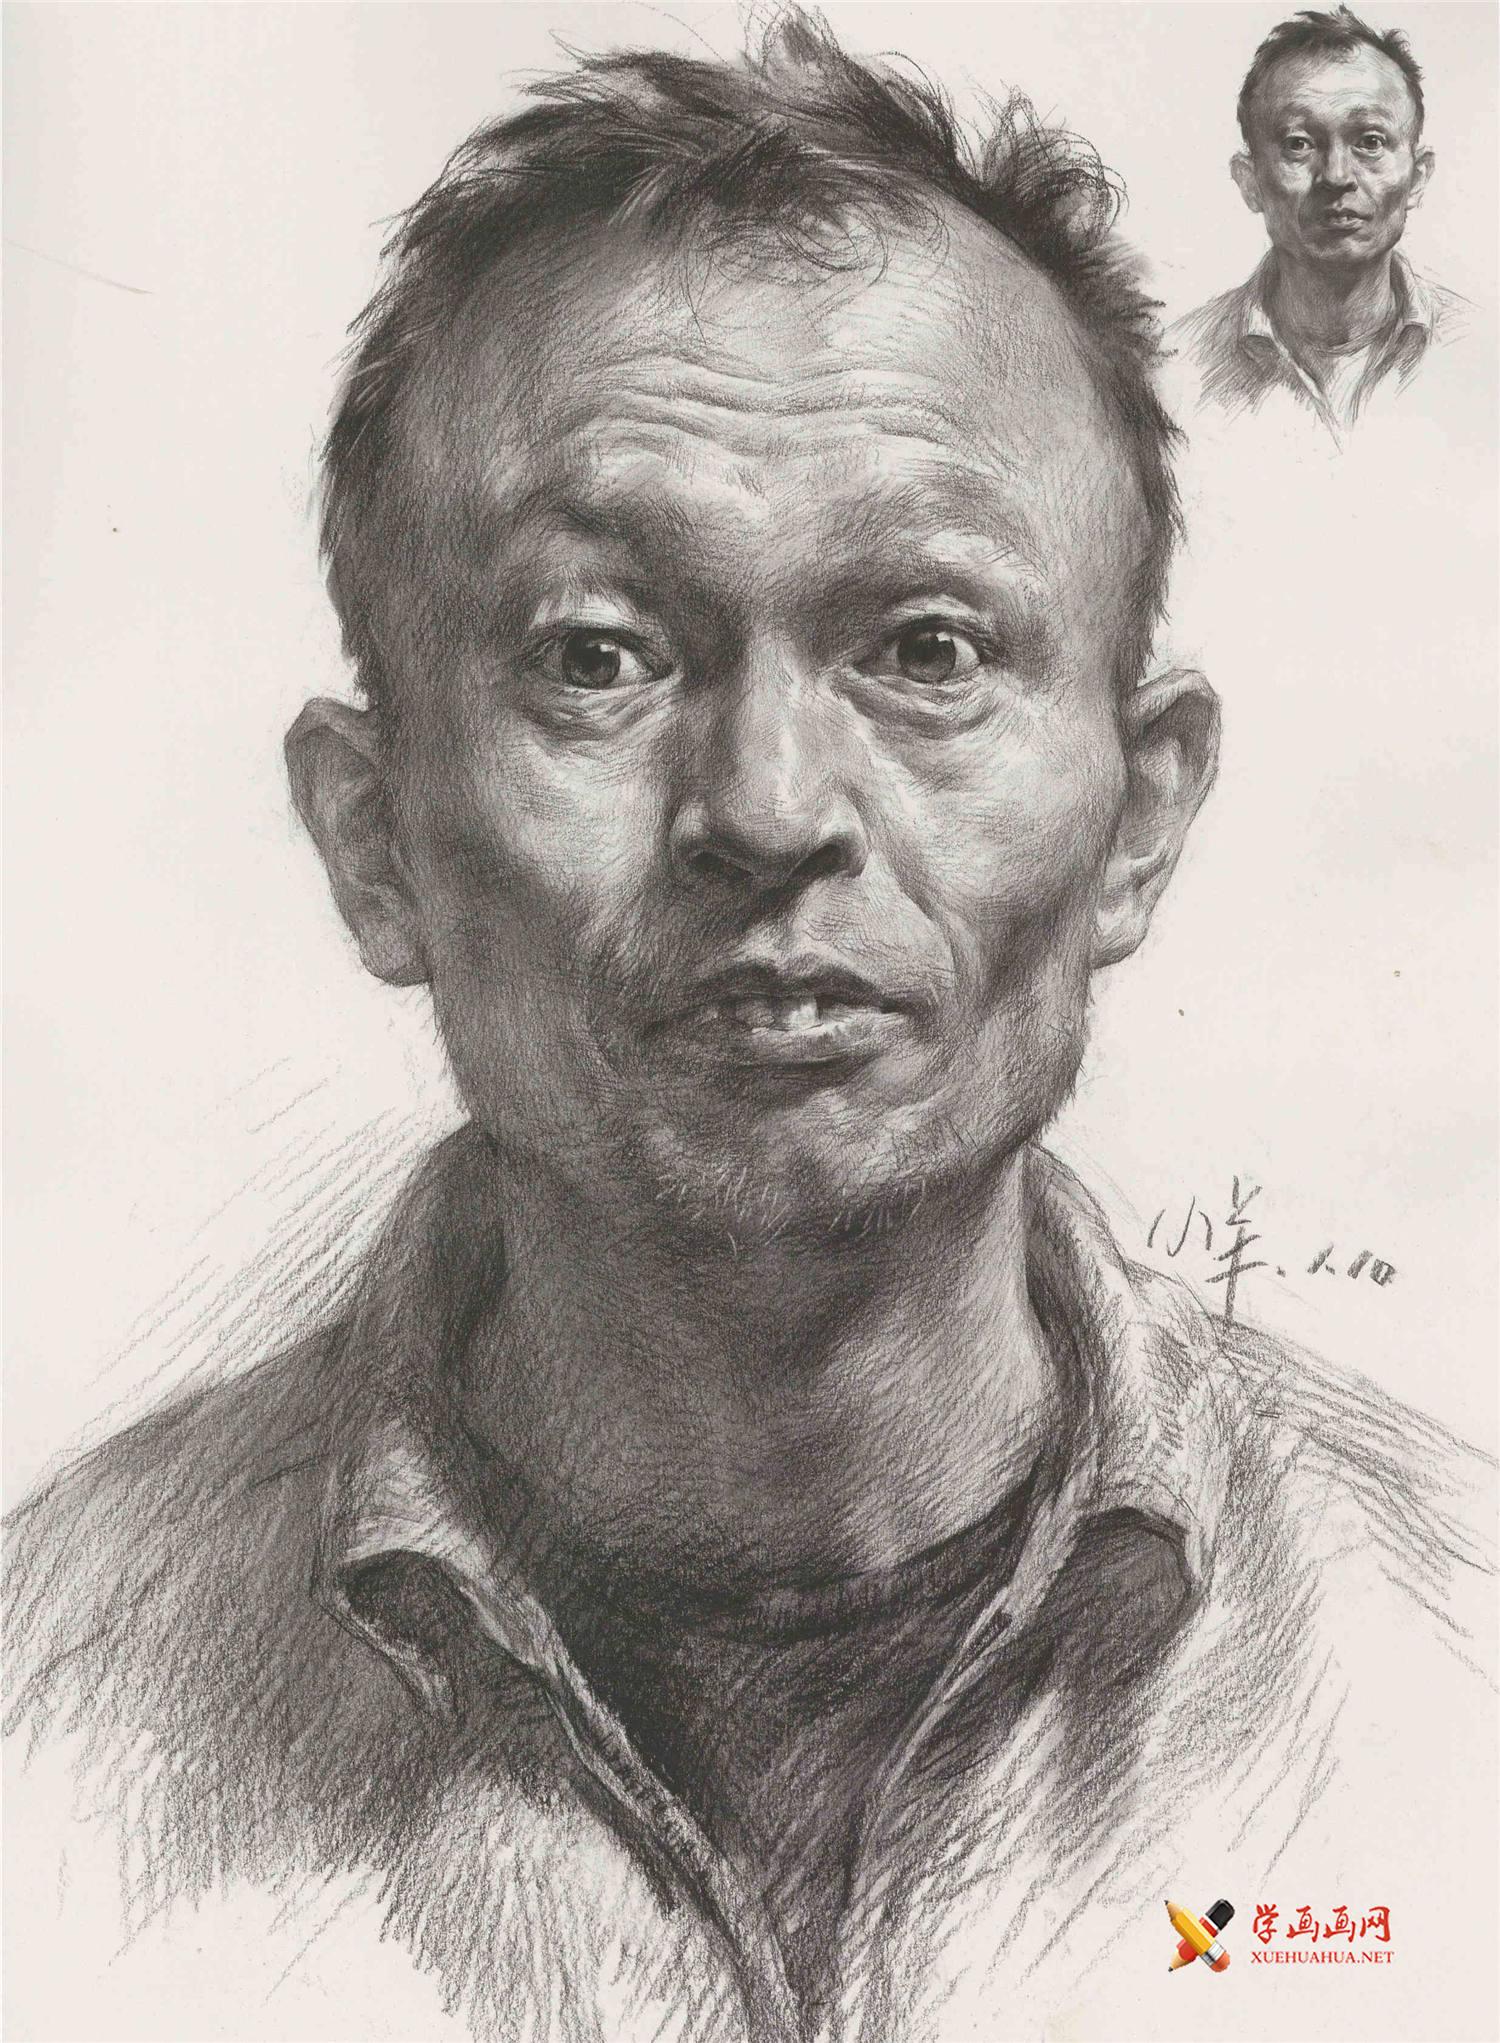 素描图片_素描男子头像的画法高清图片(1)